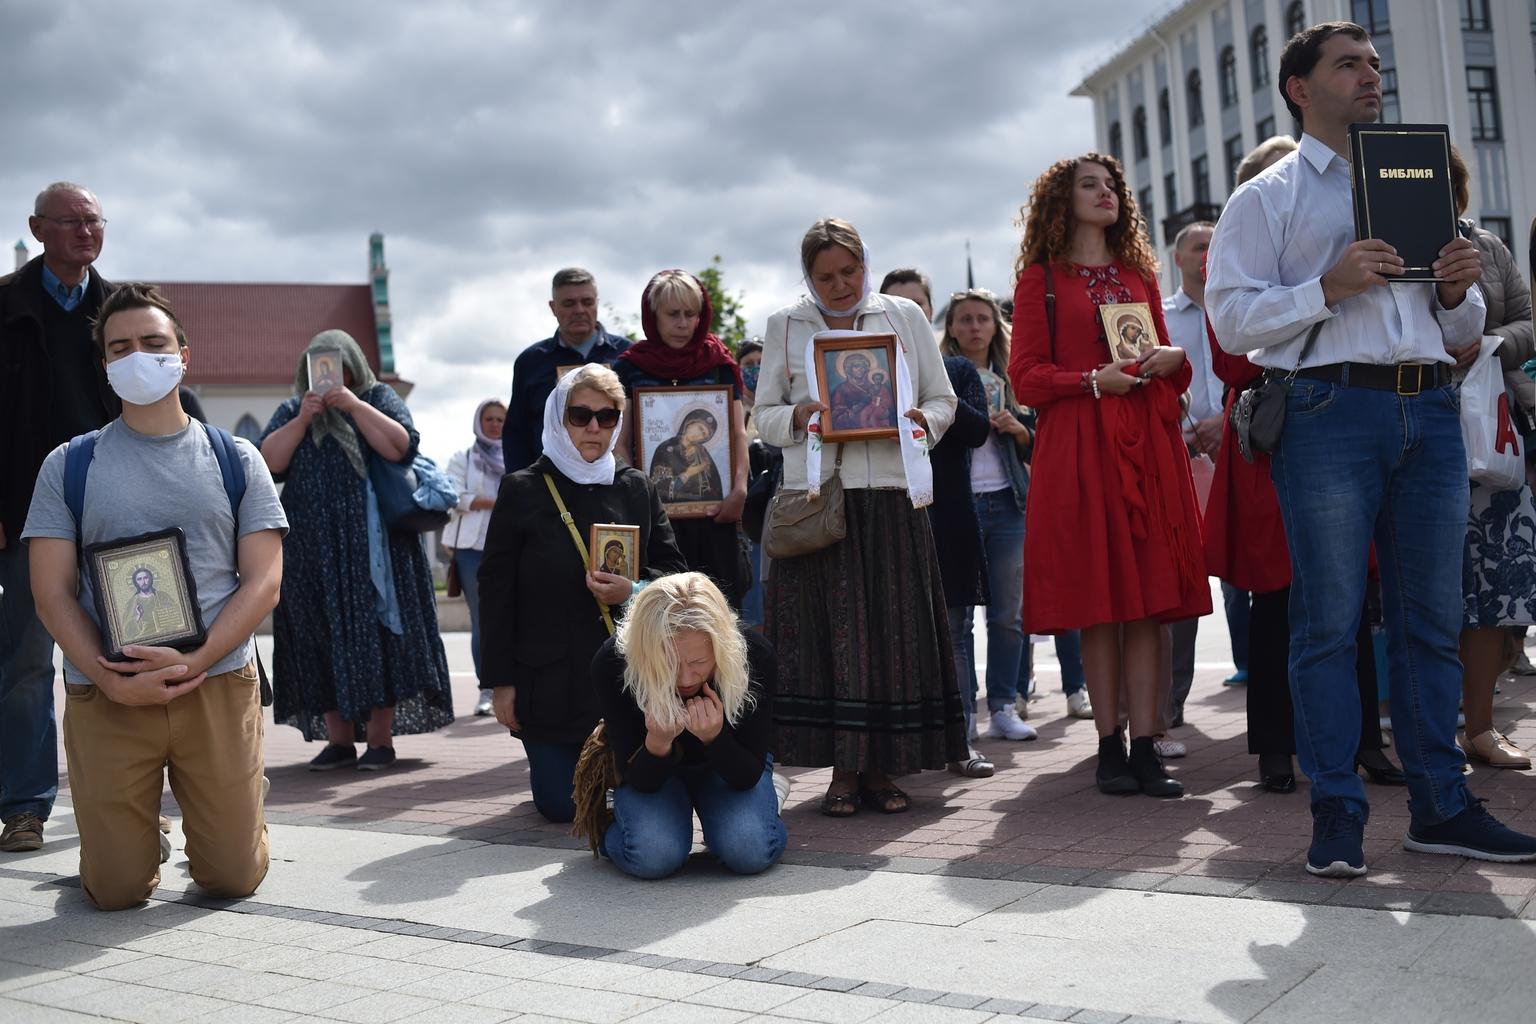 Katolikus, evangélikus és ortodox hívők közös imája MInszkben 2020. augusztus 13-án, az elnökválasztást követő tüntetések ötödik napján #moszkvater